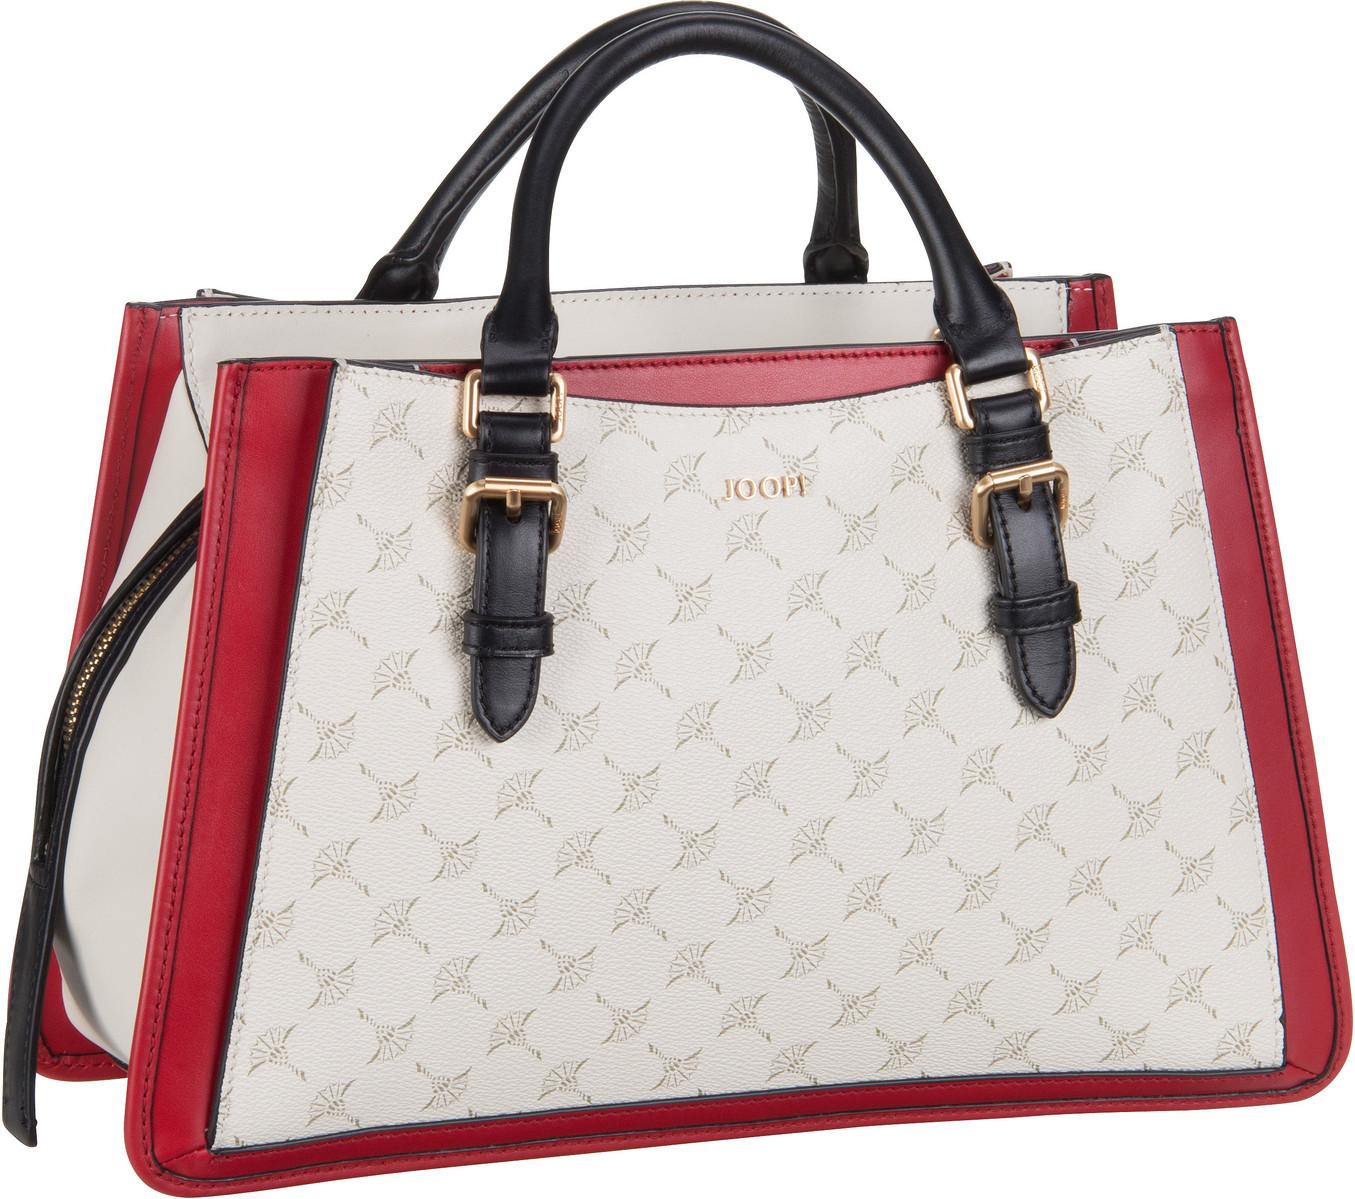 Handtasche Feriale Mimma HandBag MHZ Offwhite